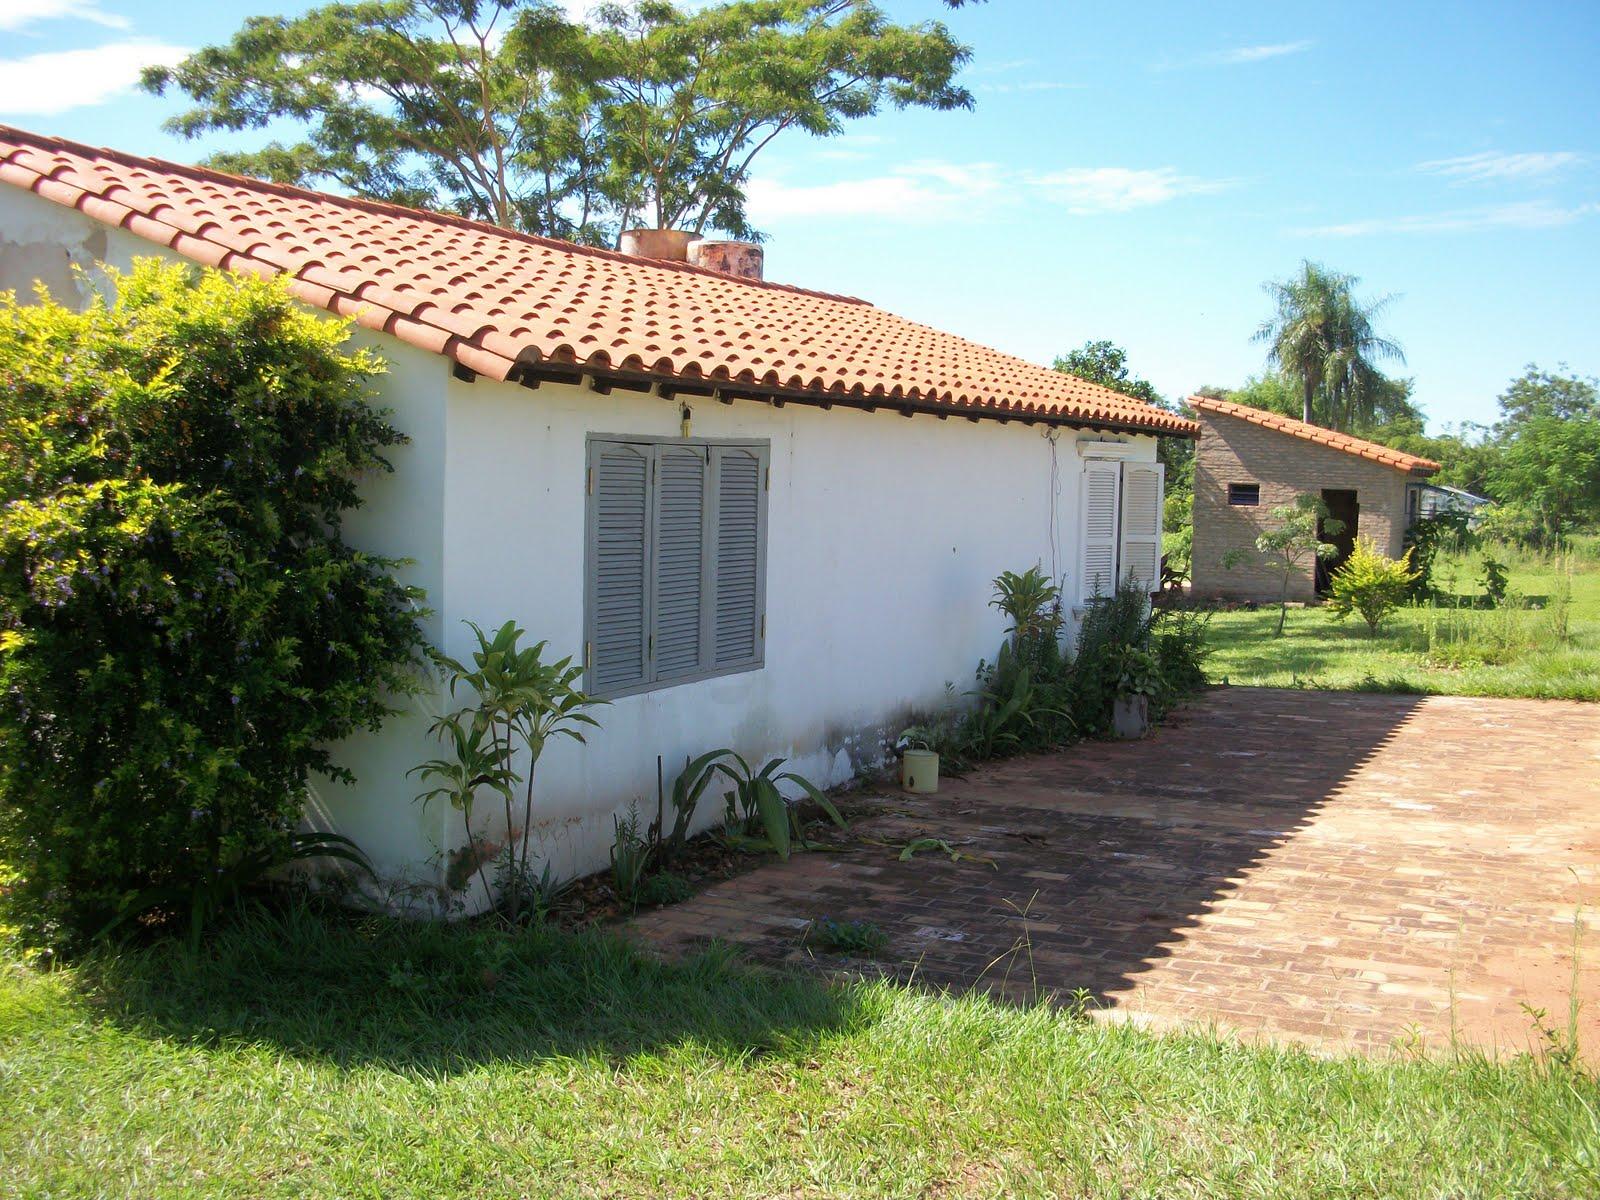 nach paraguay auswandern und leben auf der farm unsere neue haust r. Black Bedroom Furniture Sets. Home Design Ideas